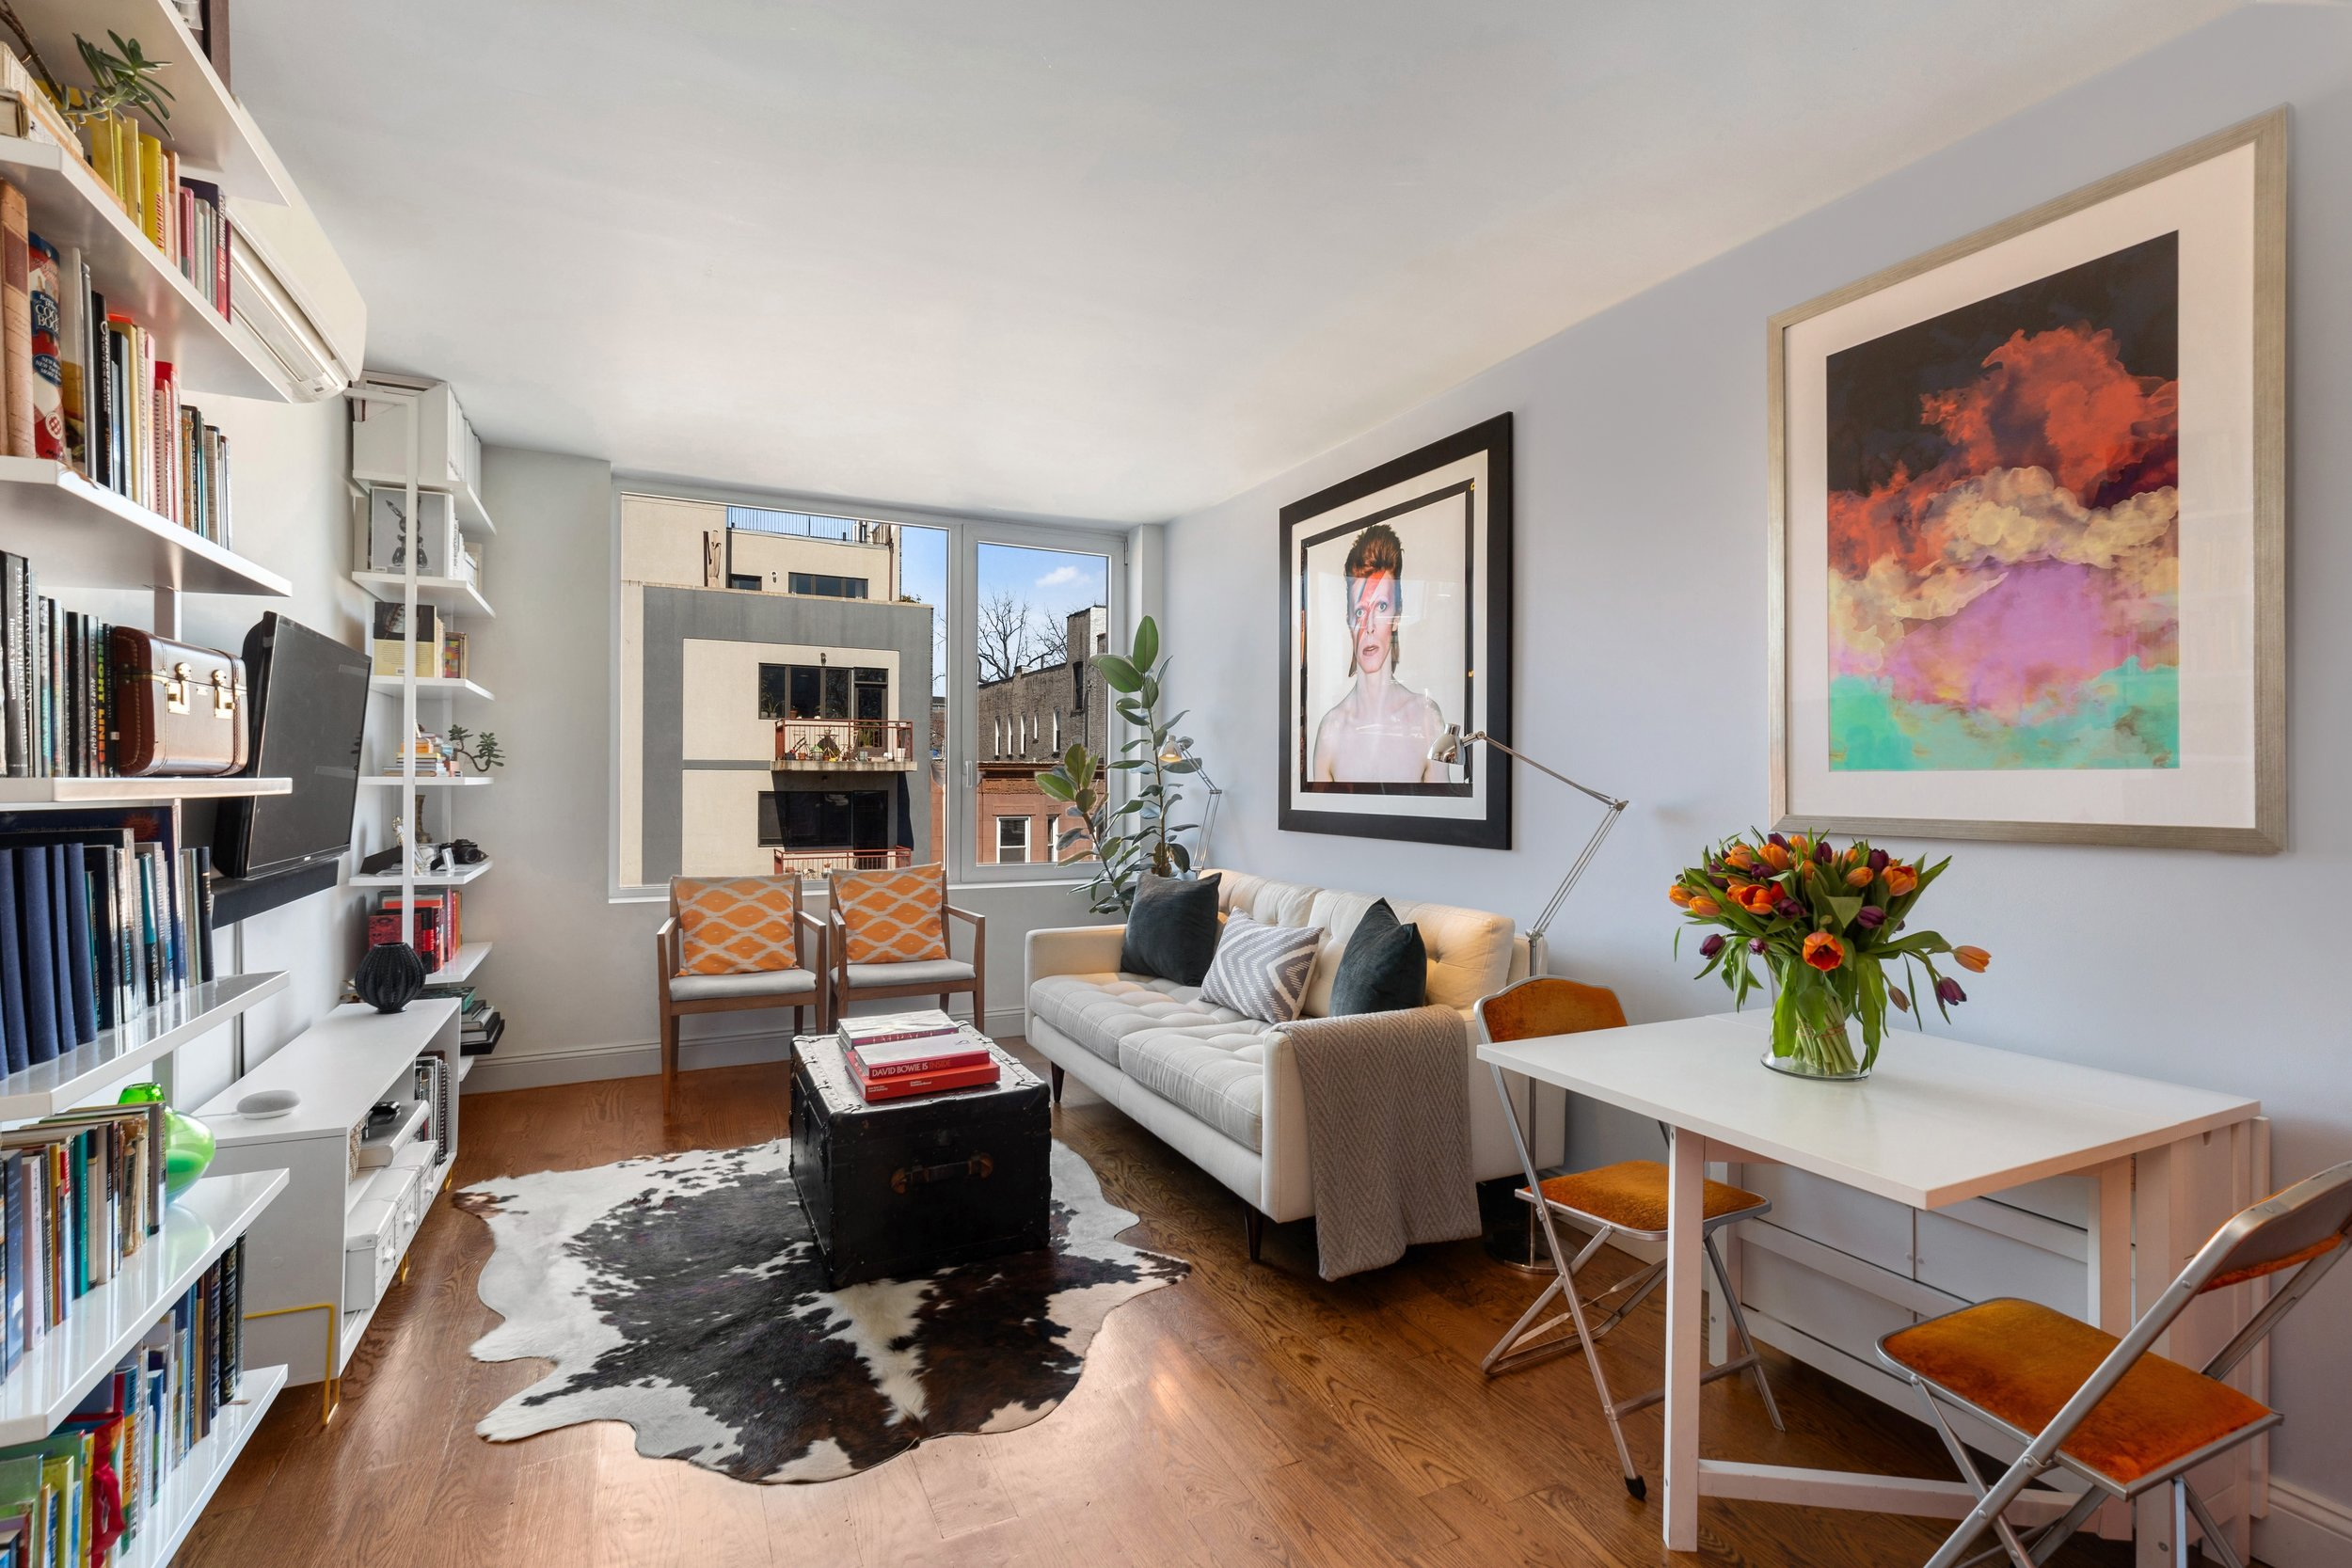 954 Bergen Street - Apt. 4d, crown heights, BK